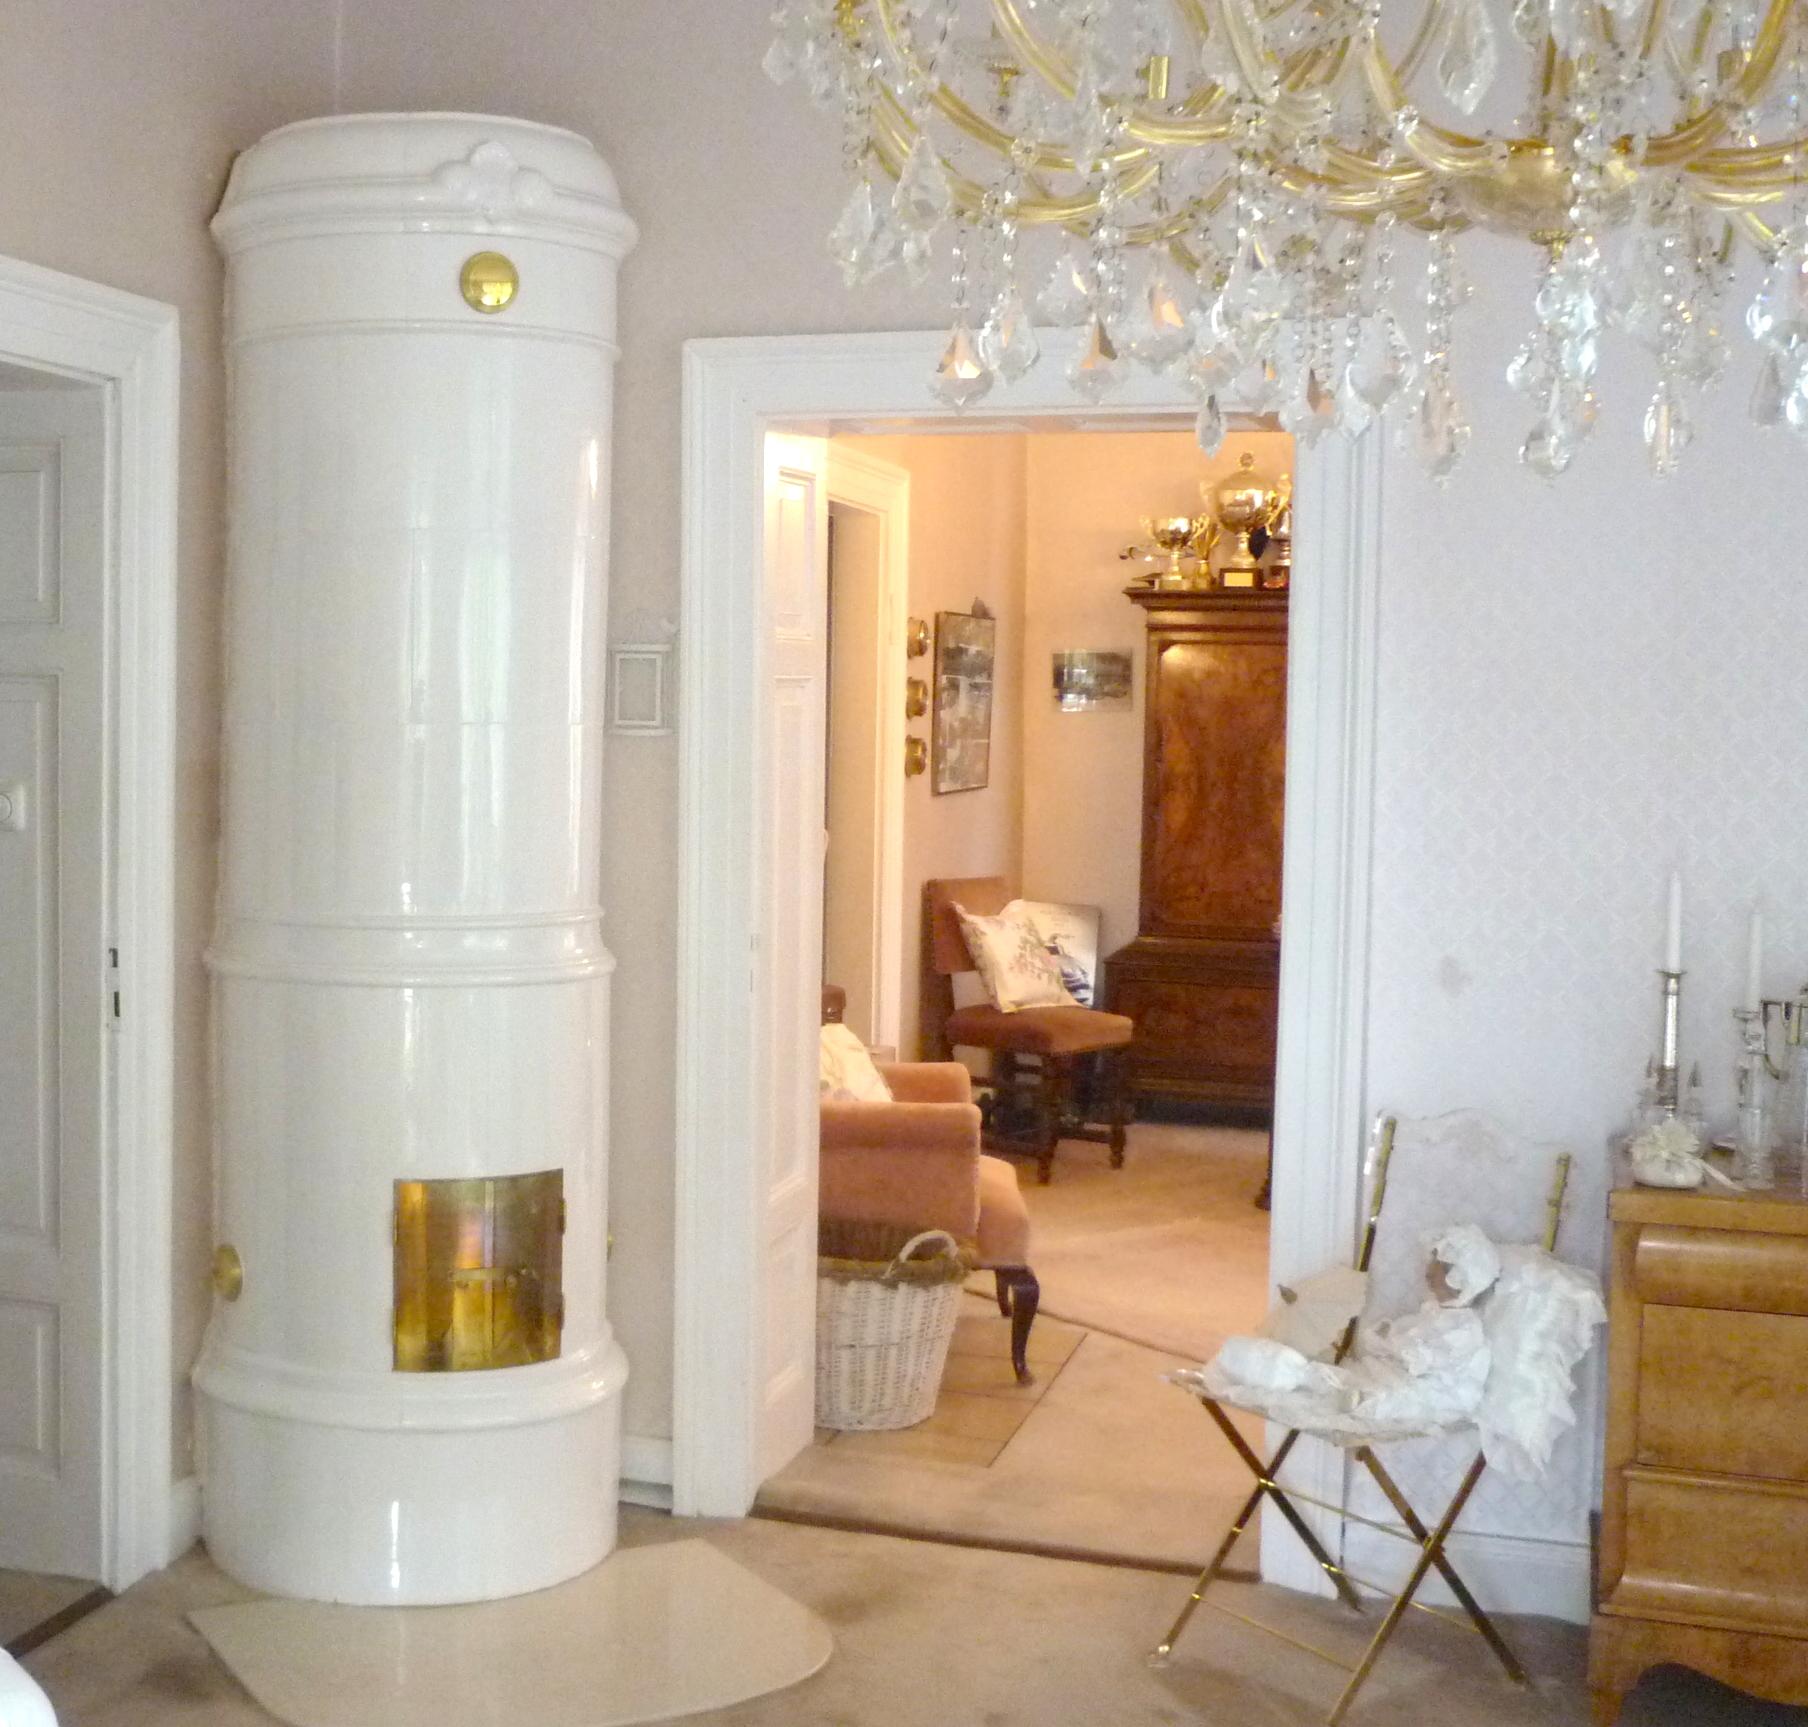 rund fen archive antike schwedische kachel fen. Black Bedroom Furniture Sets. Home Design Ideas